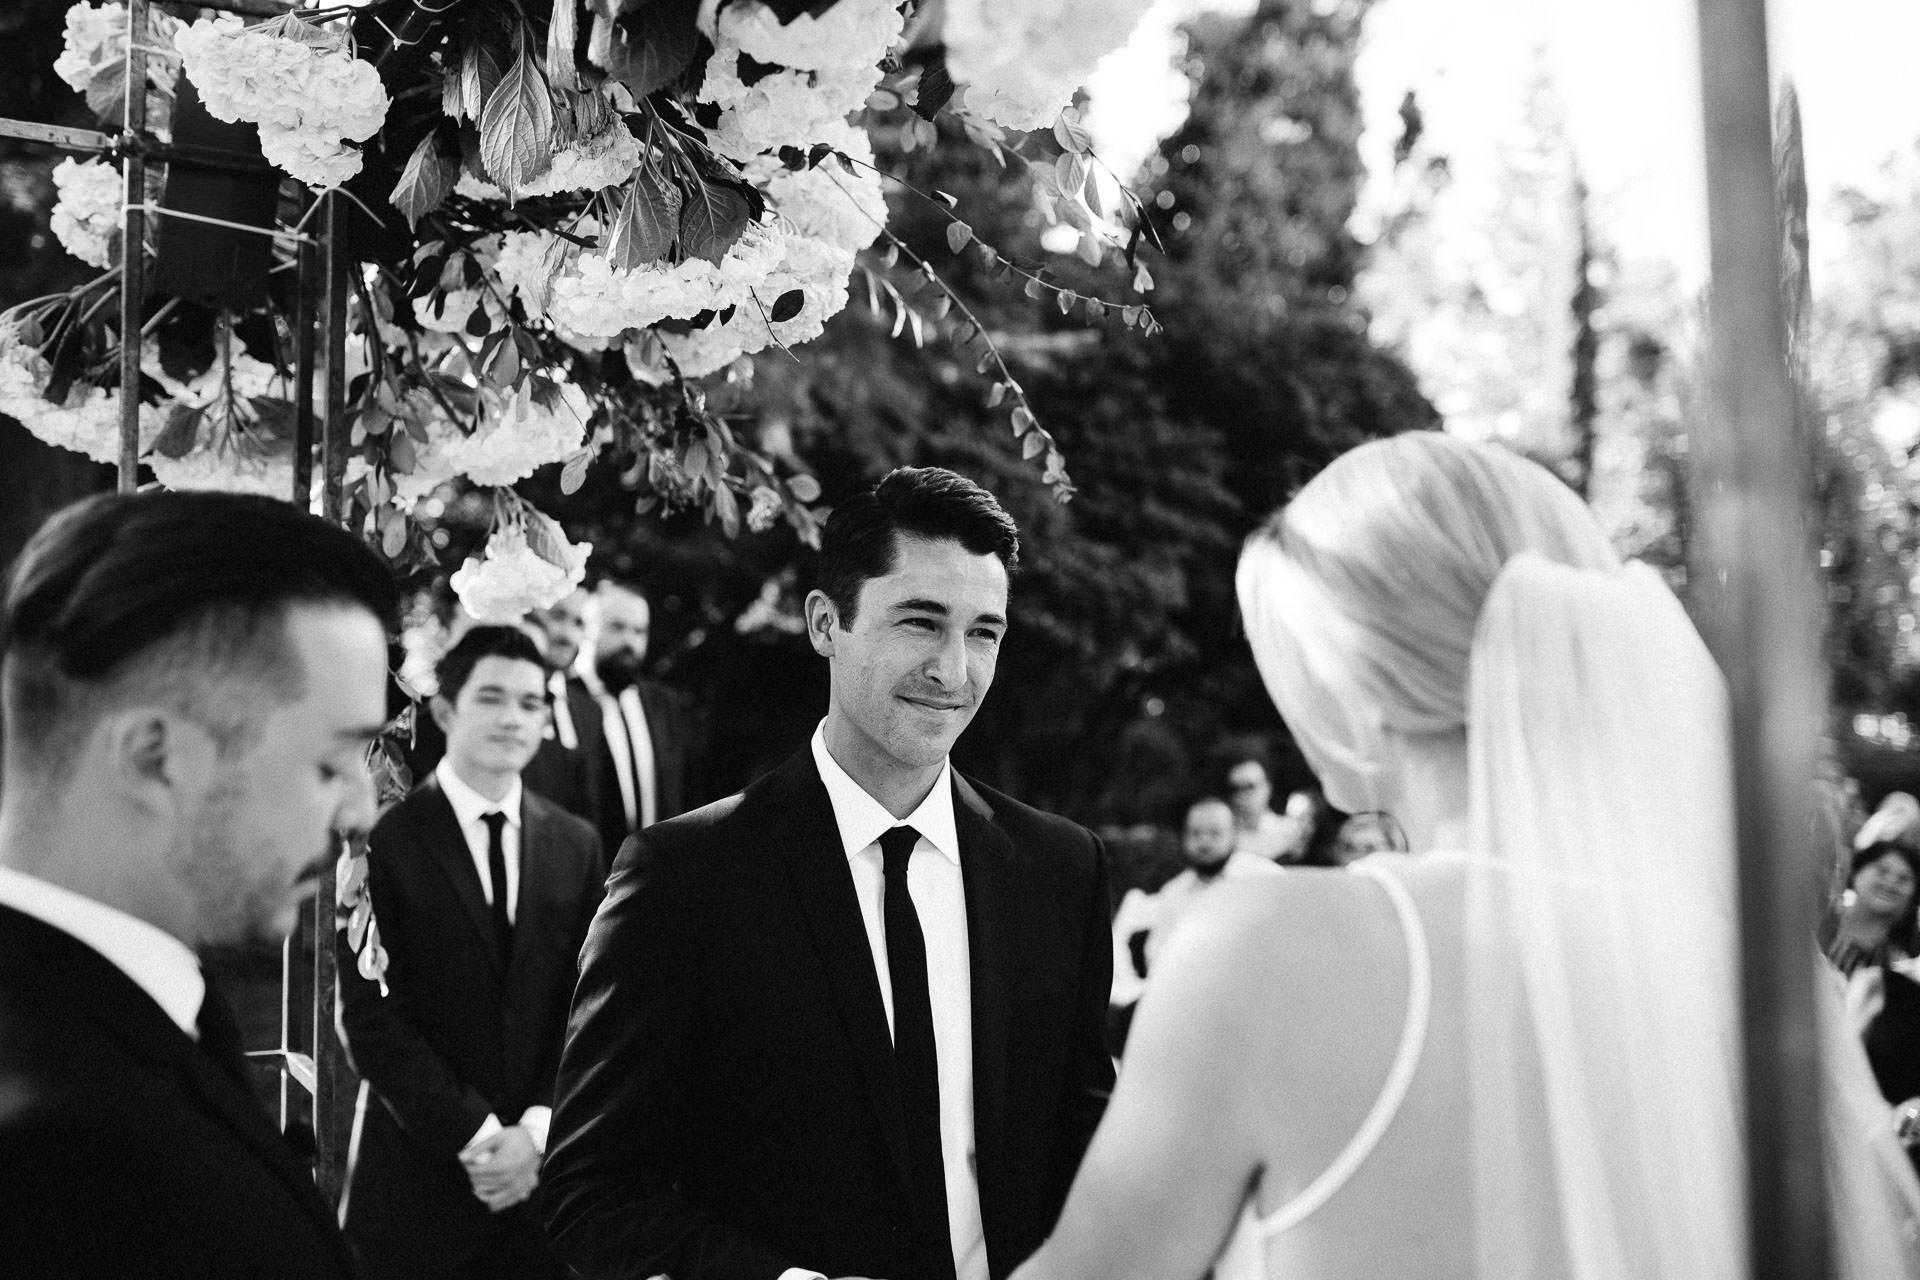 lauren_graham_wedding_california_park_winters_jeanlaurentgaudy_050